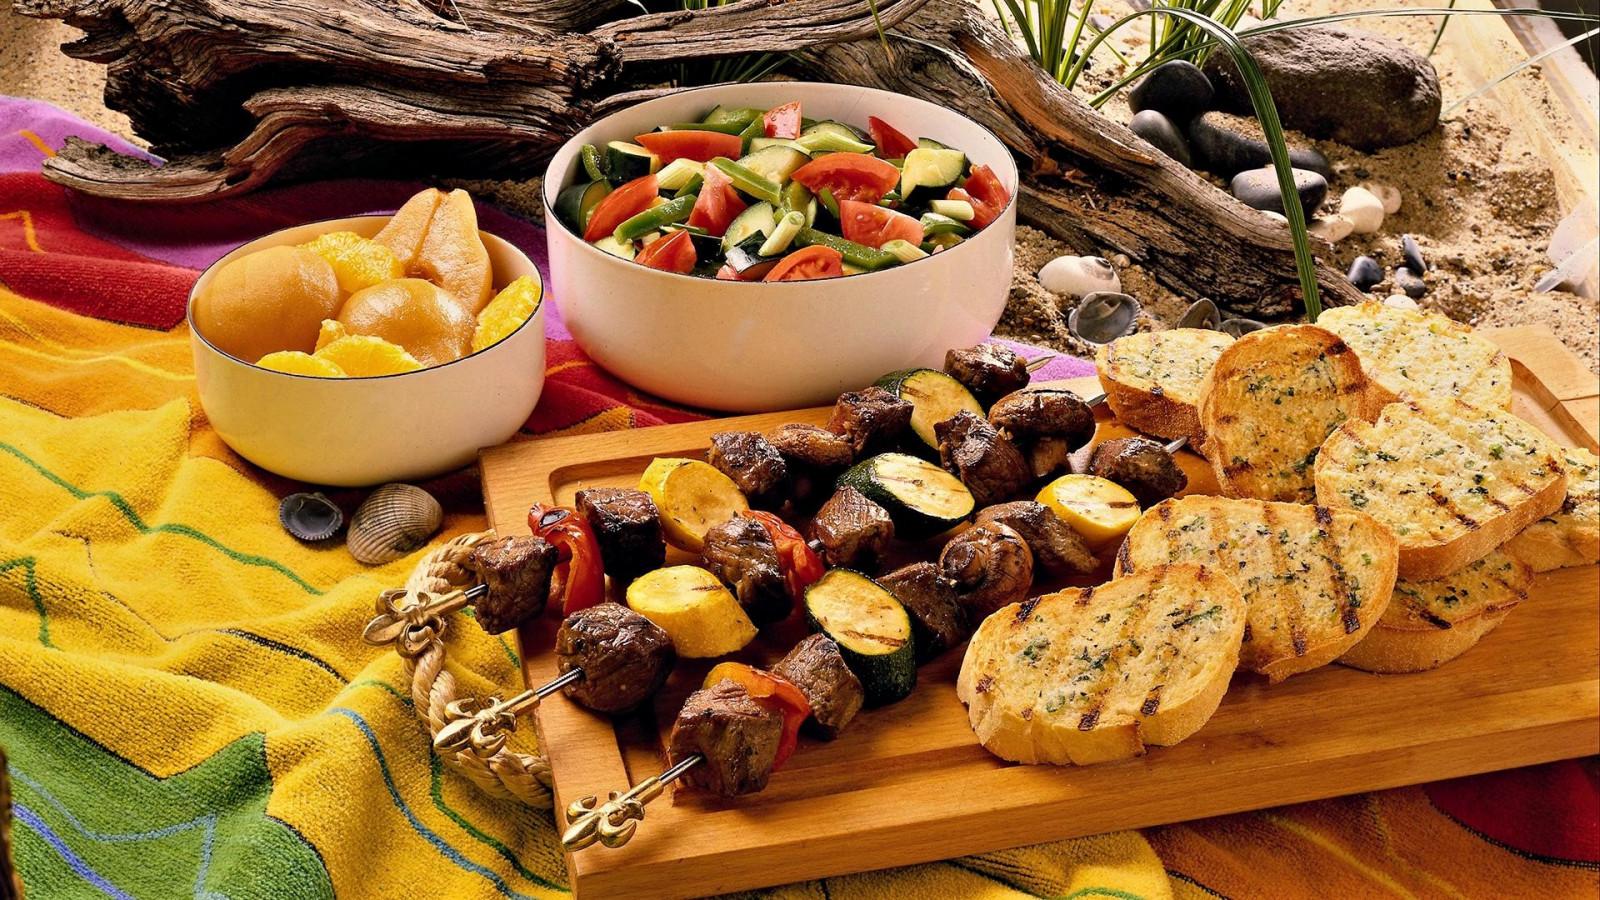 Черногорская кухня основана на натуральных продуктах, питательна и полезна